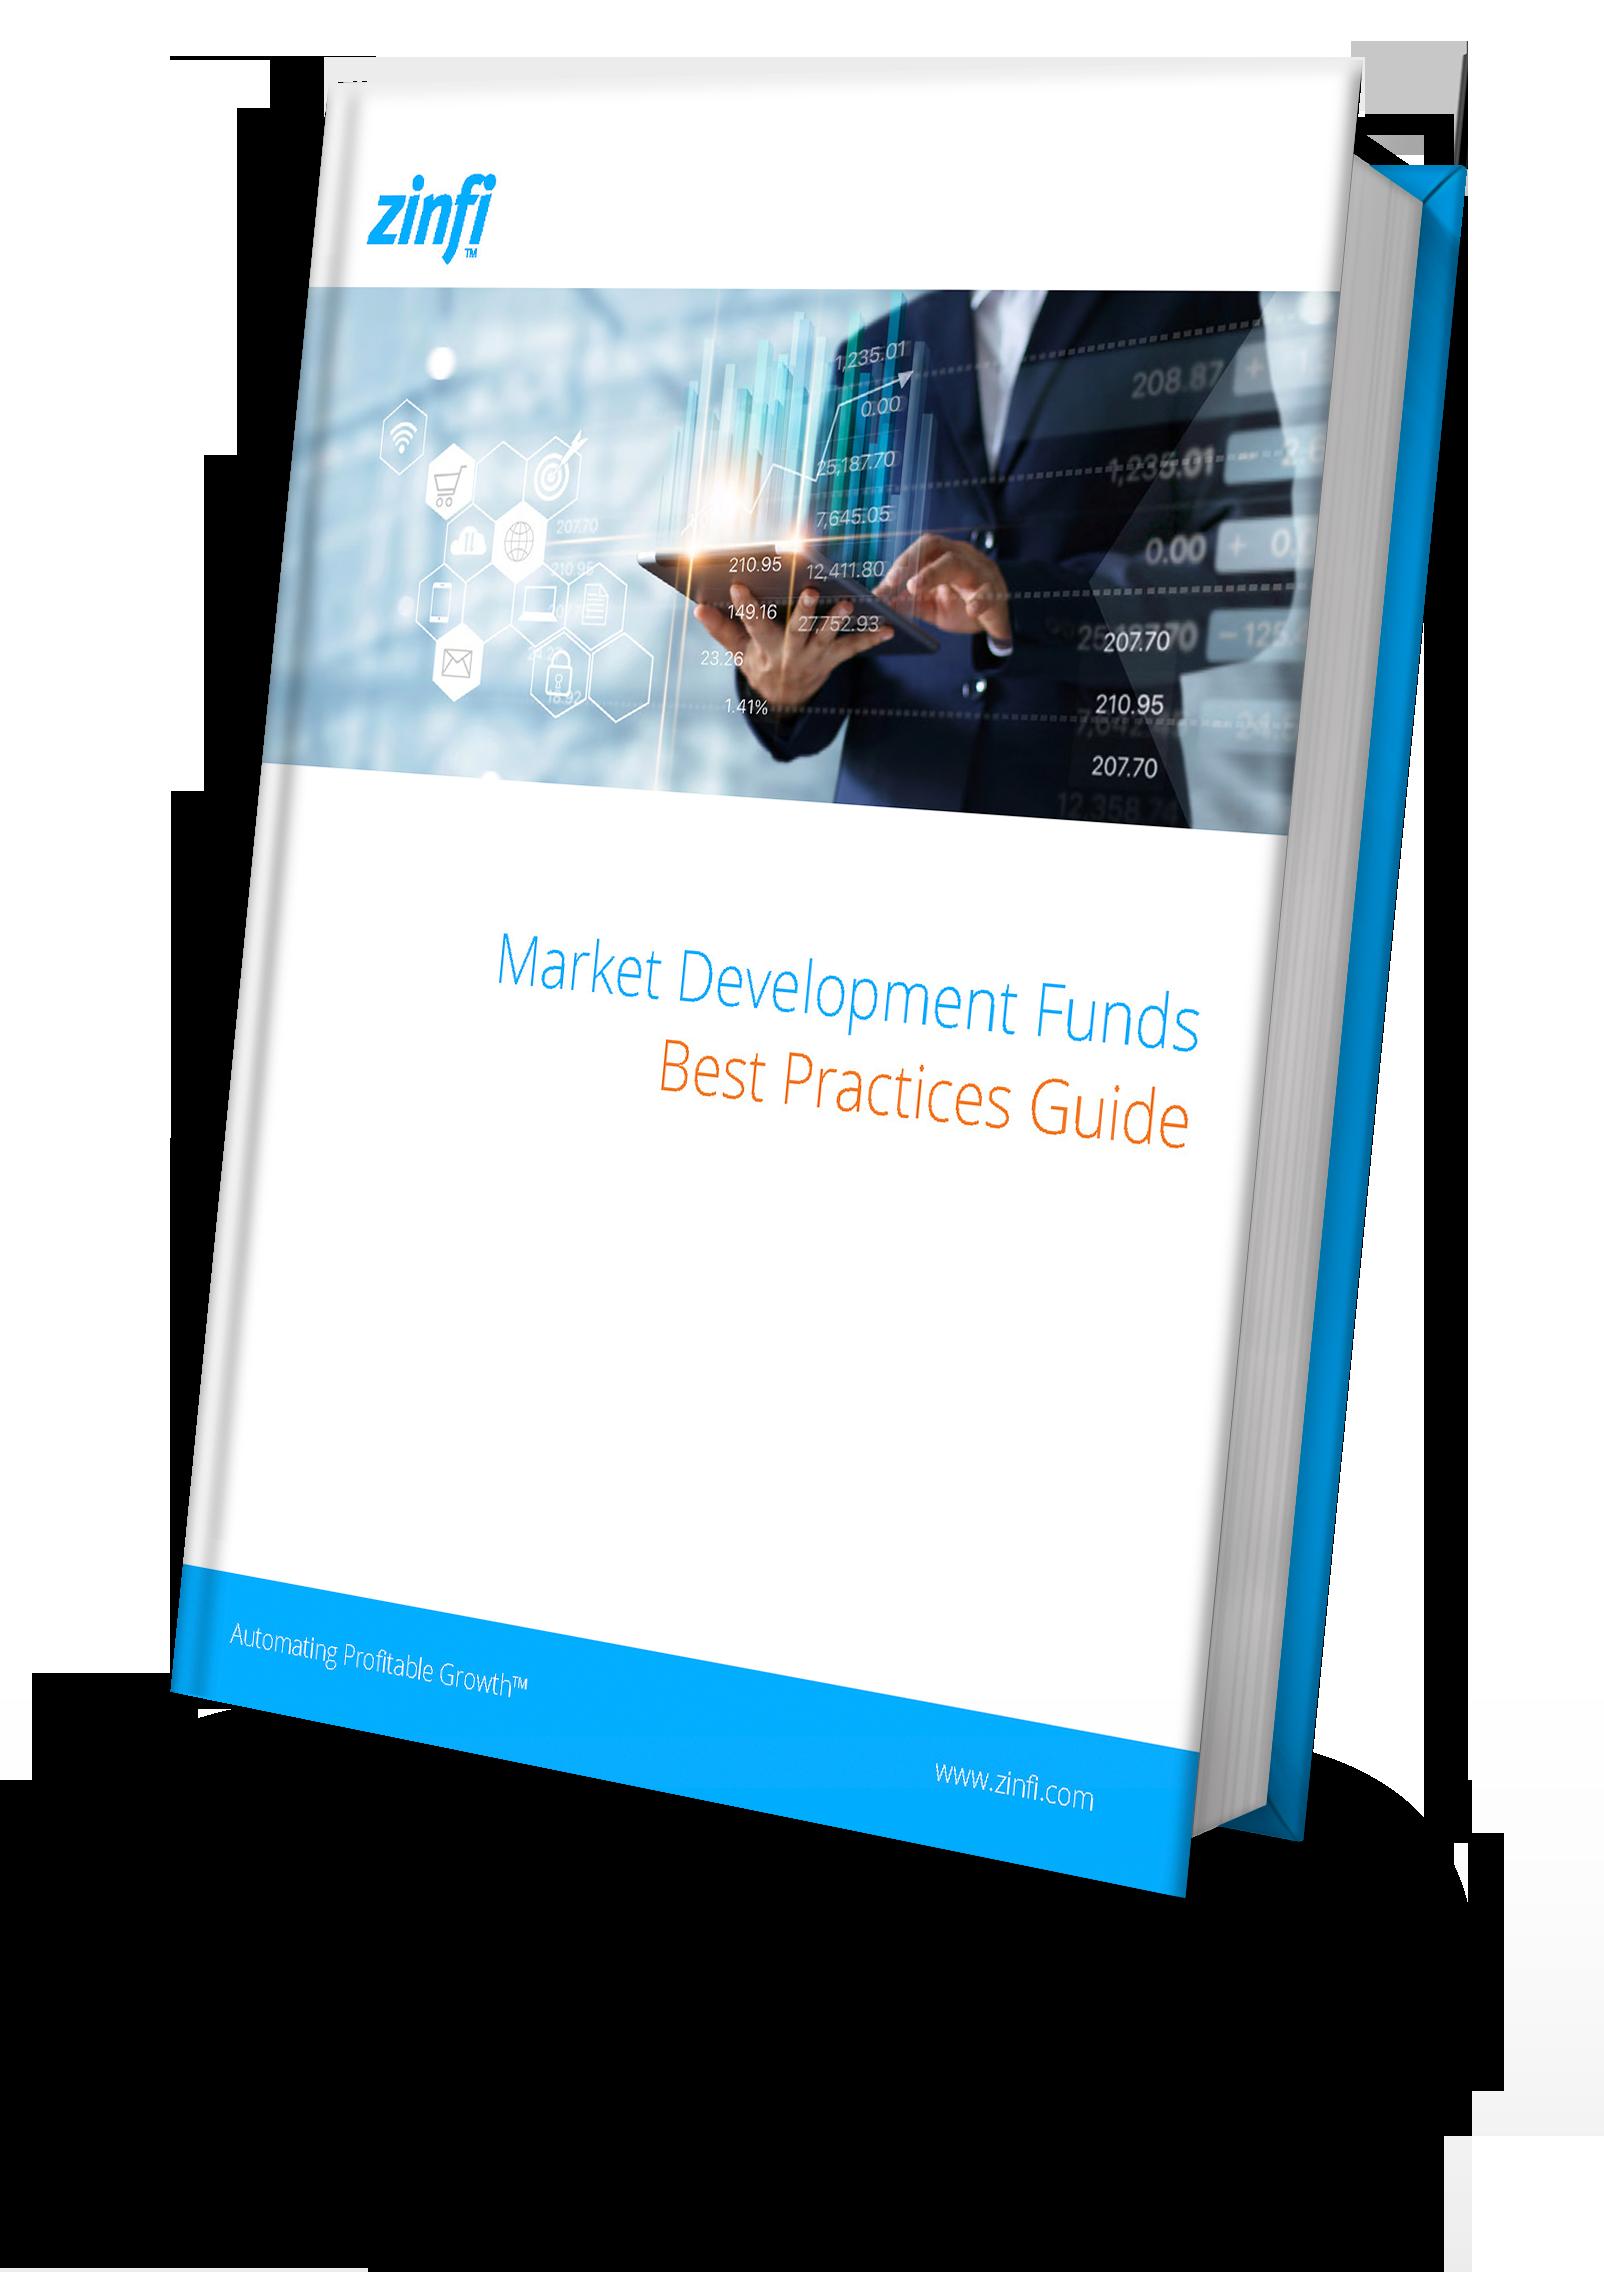 Market Development Funds Best Practices